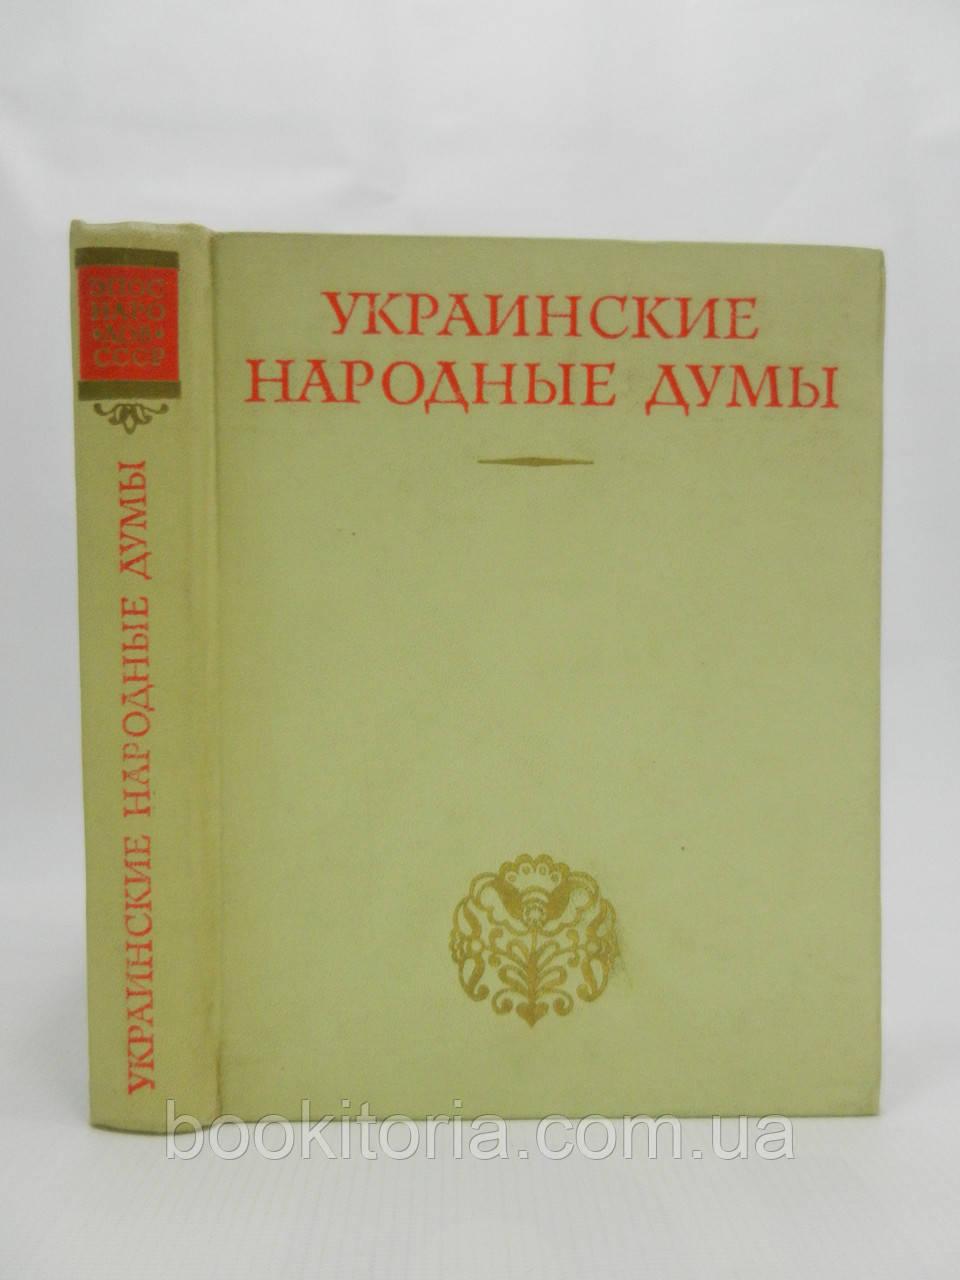 Украинские народные думы (б/у).